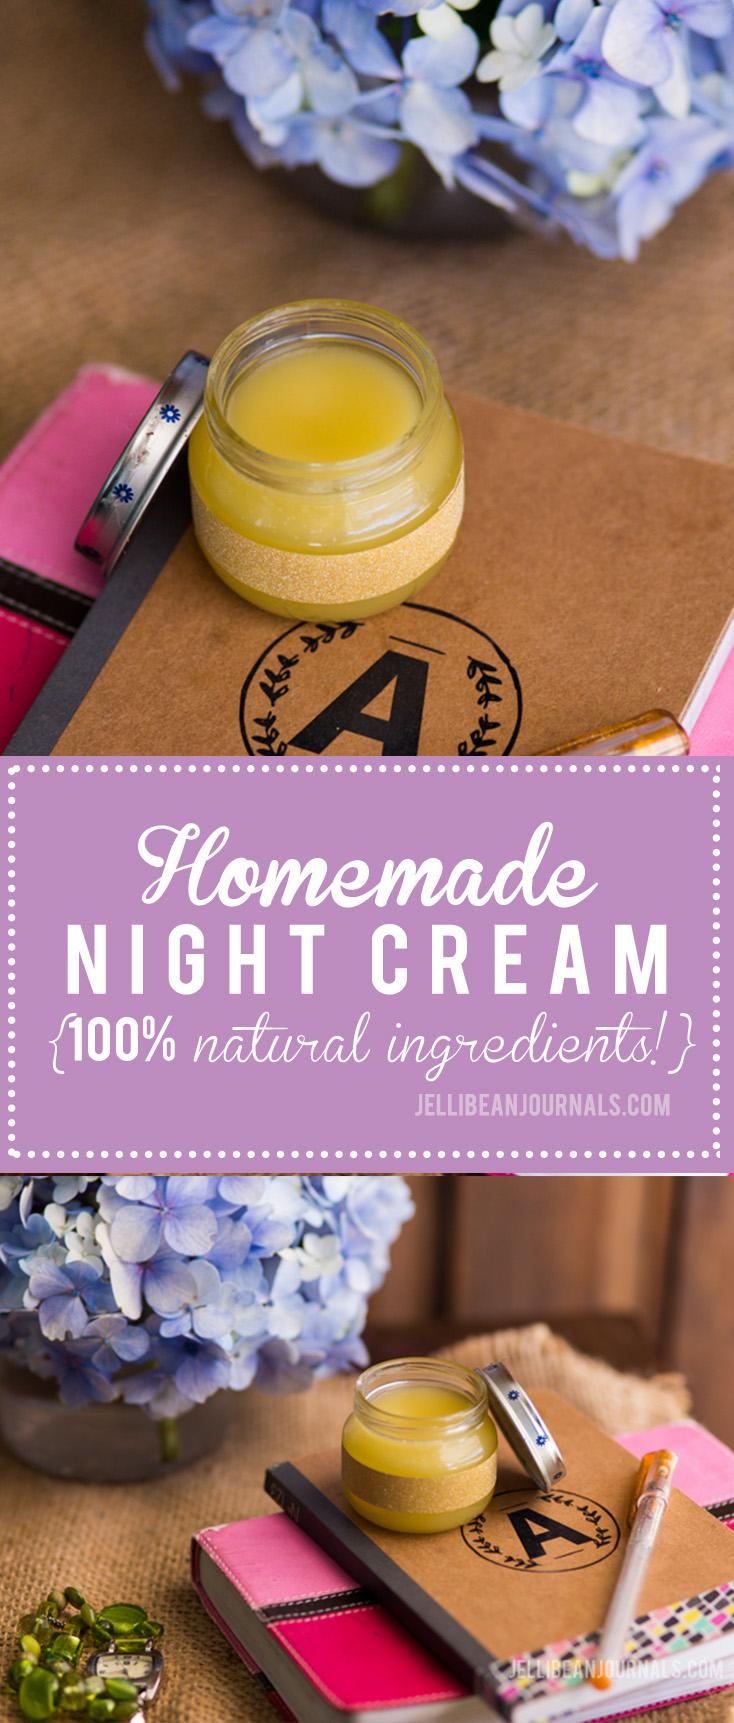 homemade night cream recipe